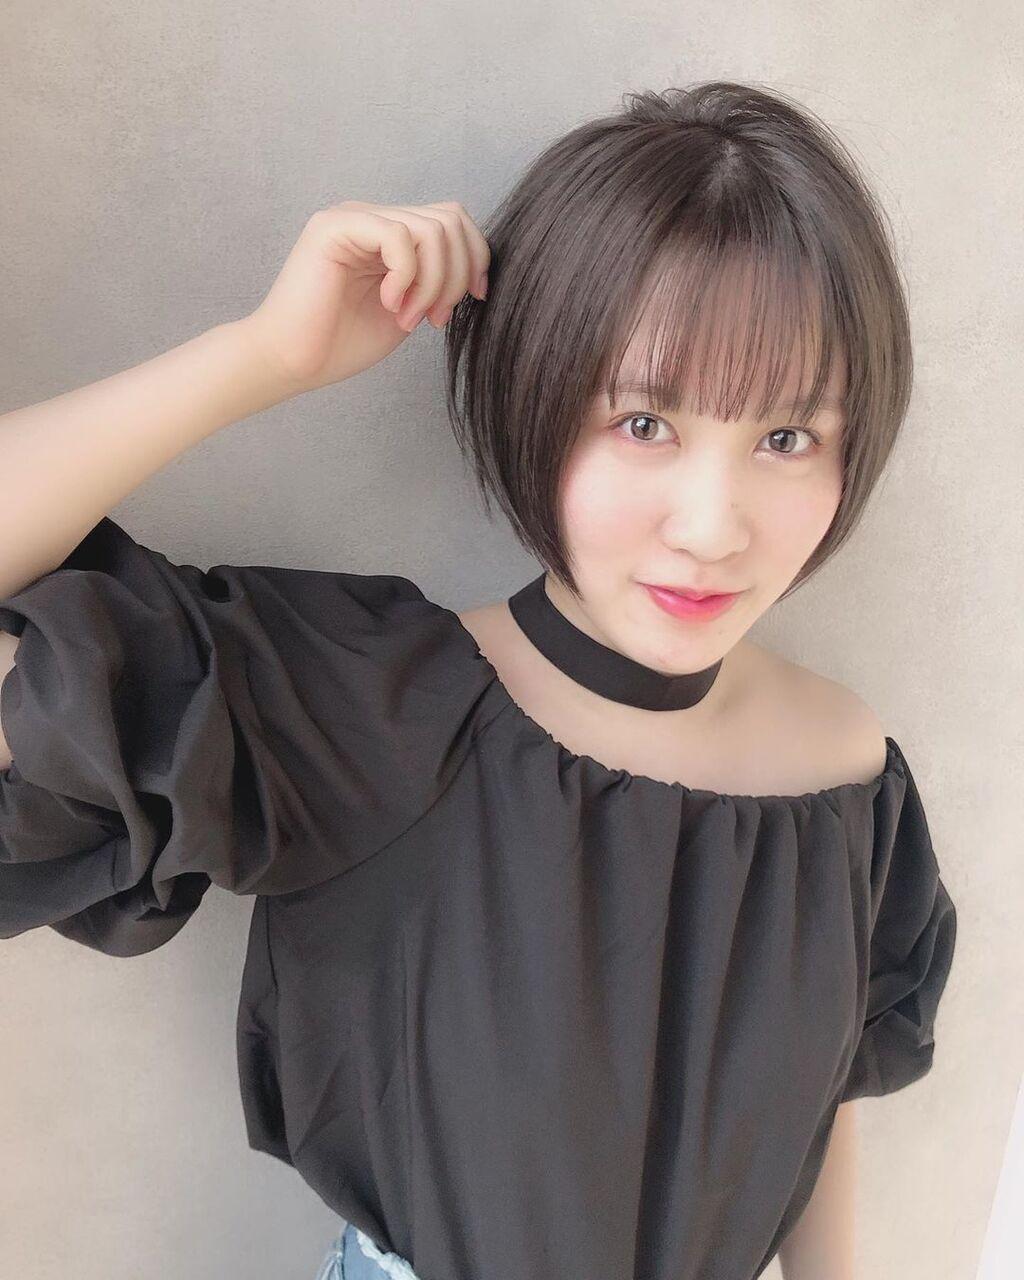 【強メンタル】美人卓球選手平野美宇さん、余裕ぶっこくwwwww